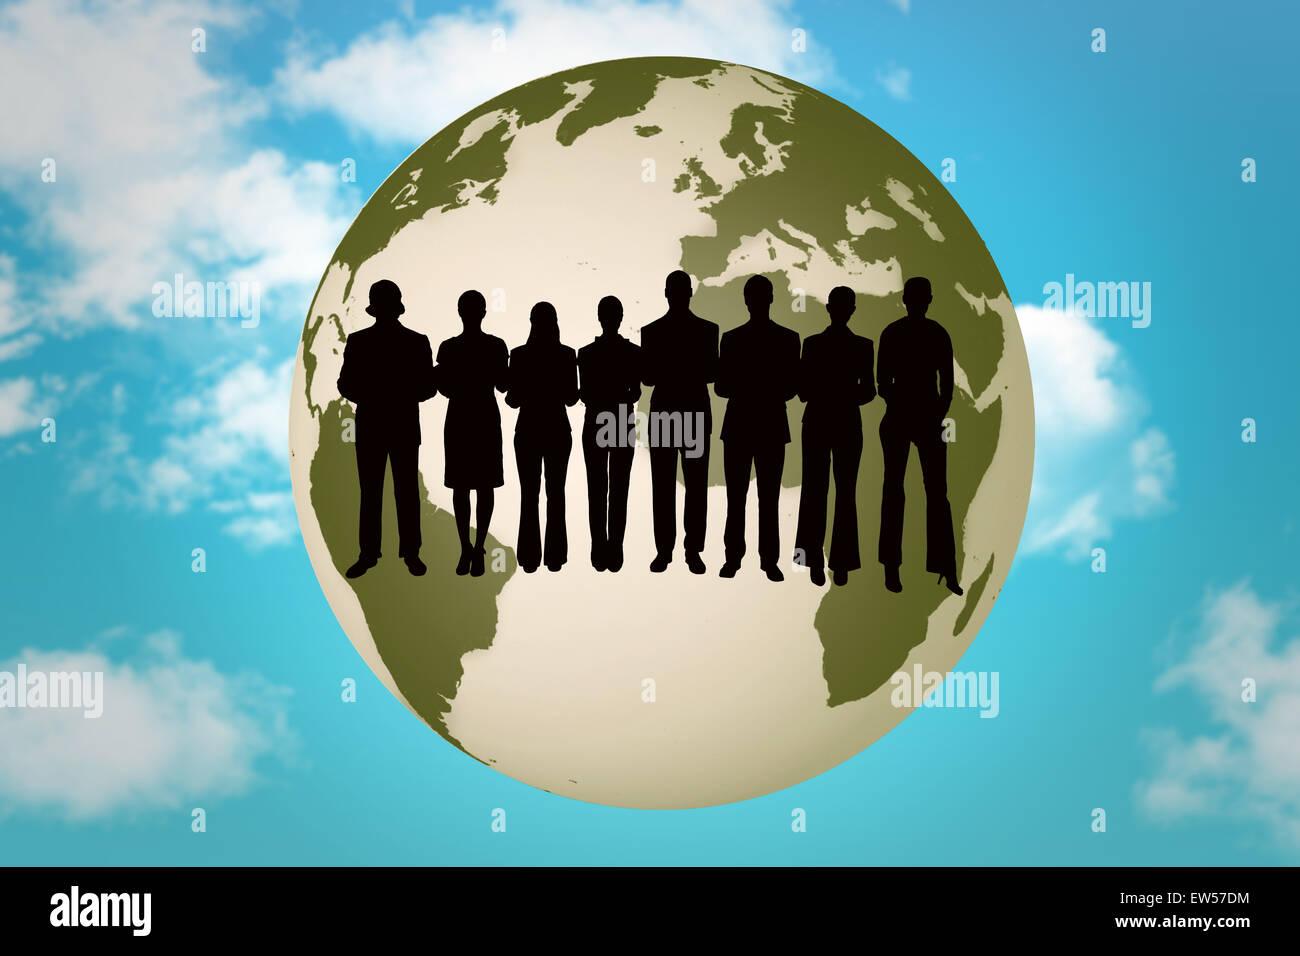 Zusammengesetztes Bild der Silhouette von Geschäftsleuten in Folge Stockbild